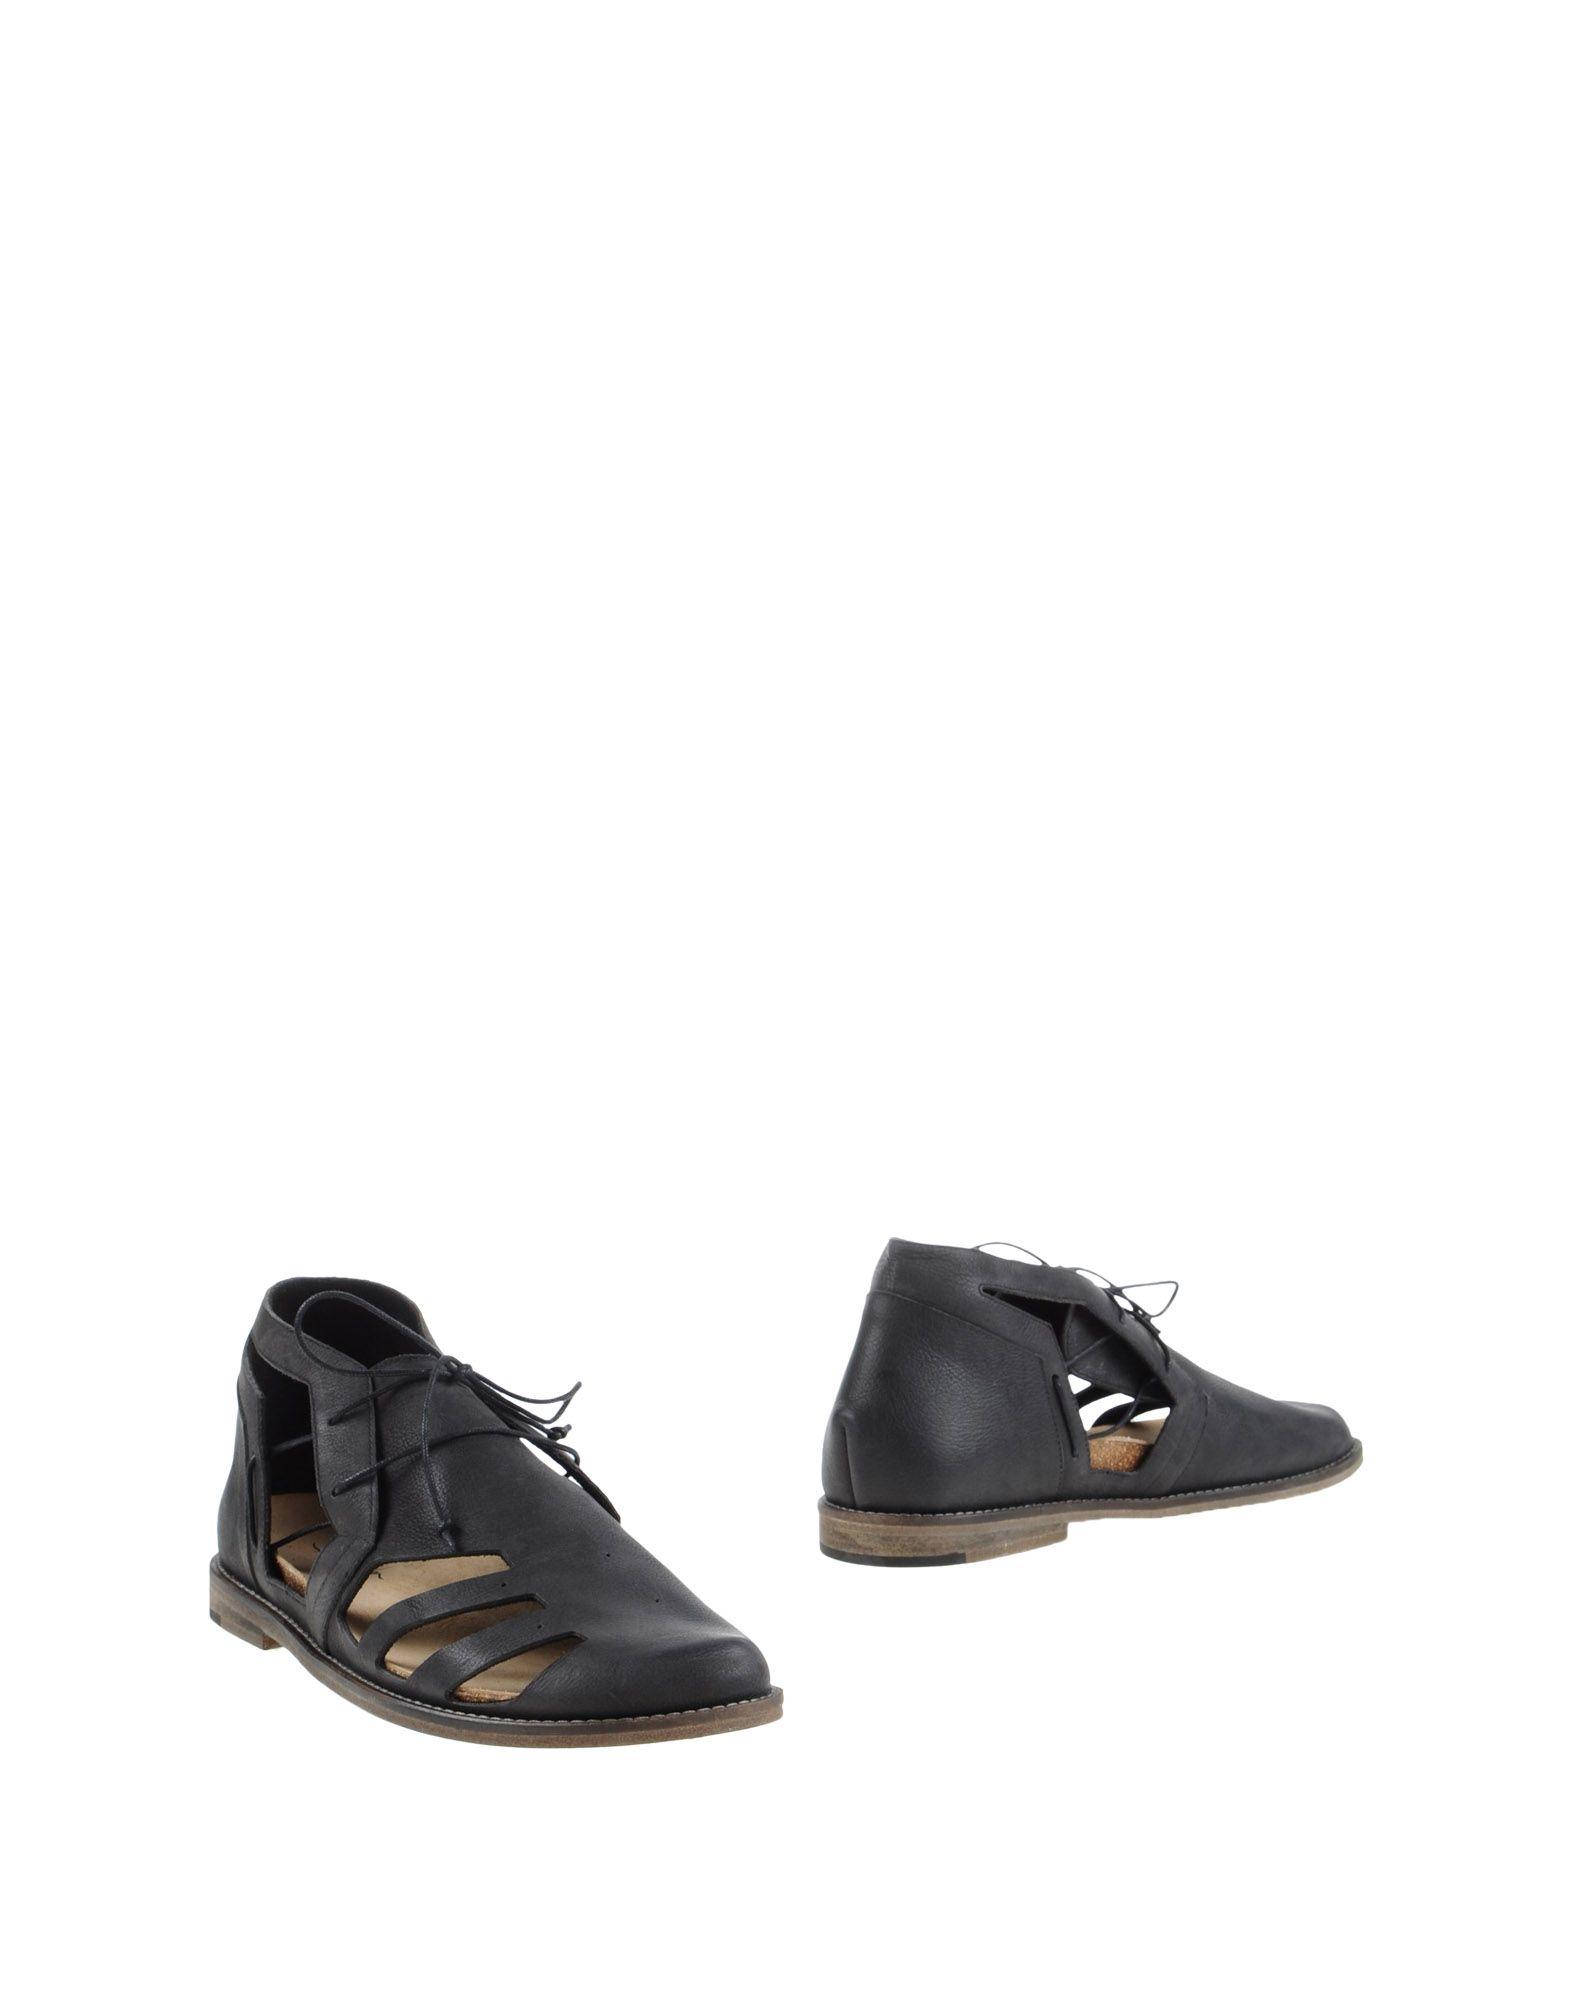 Peter 44910991NI Non Stiefelette Herren  44910991NI Peter Gute Qualität beliebte Schuhe 486998